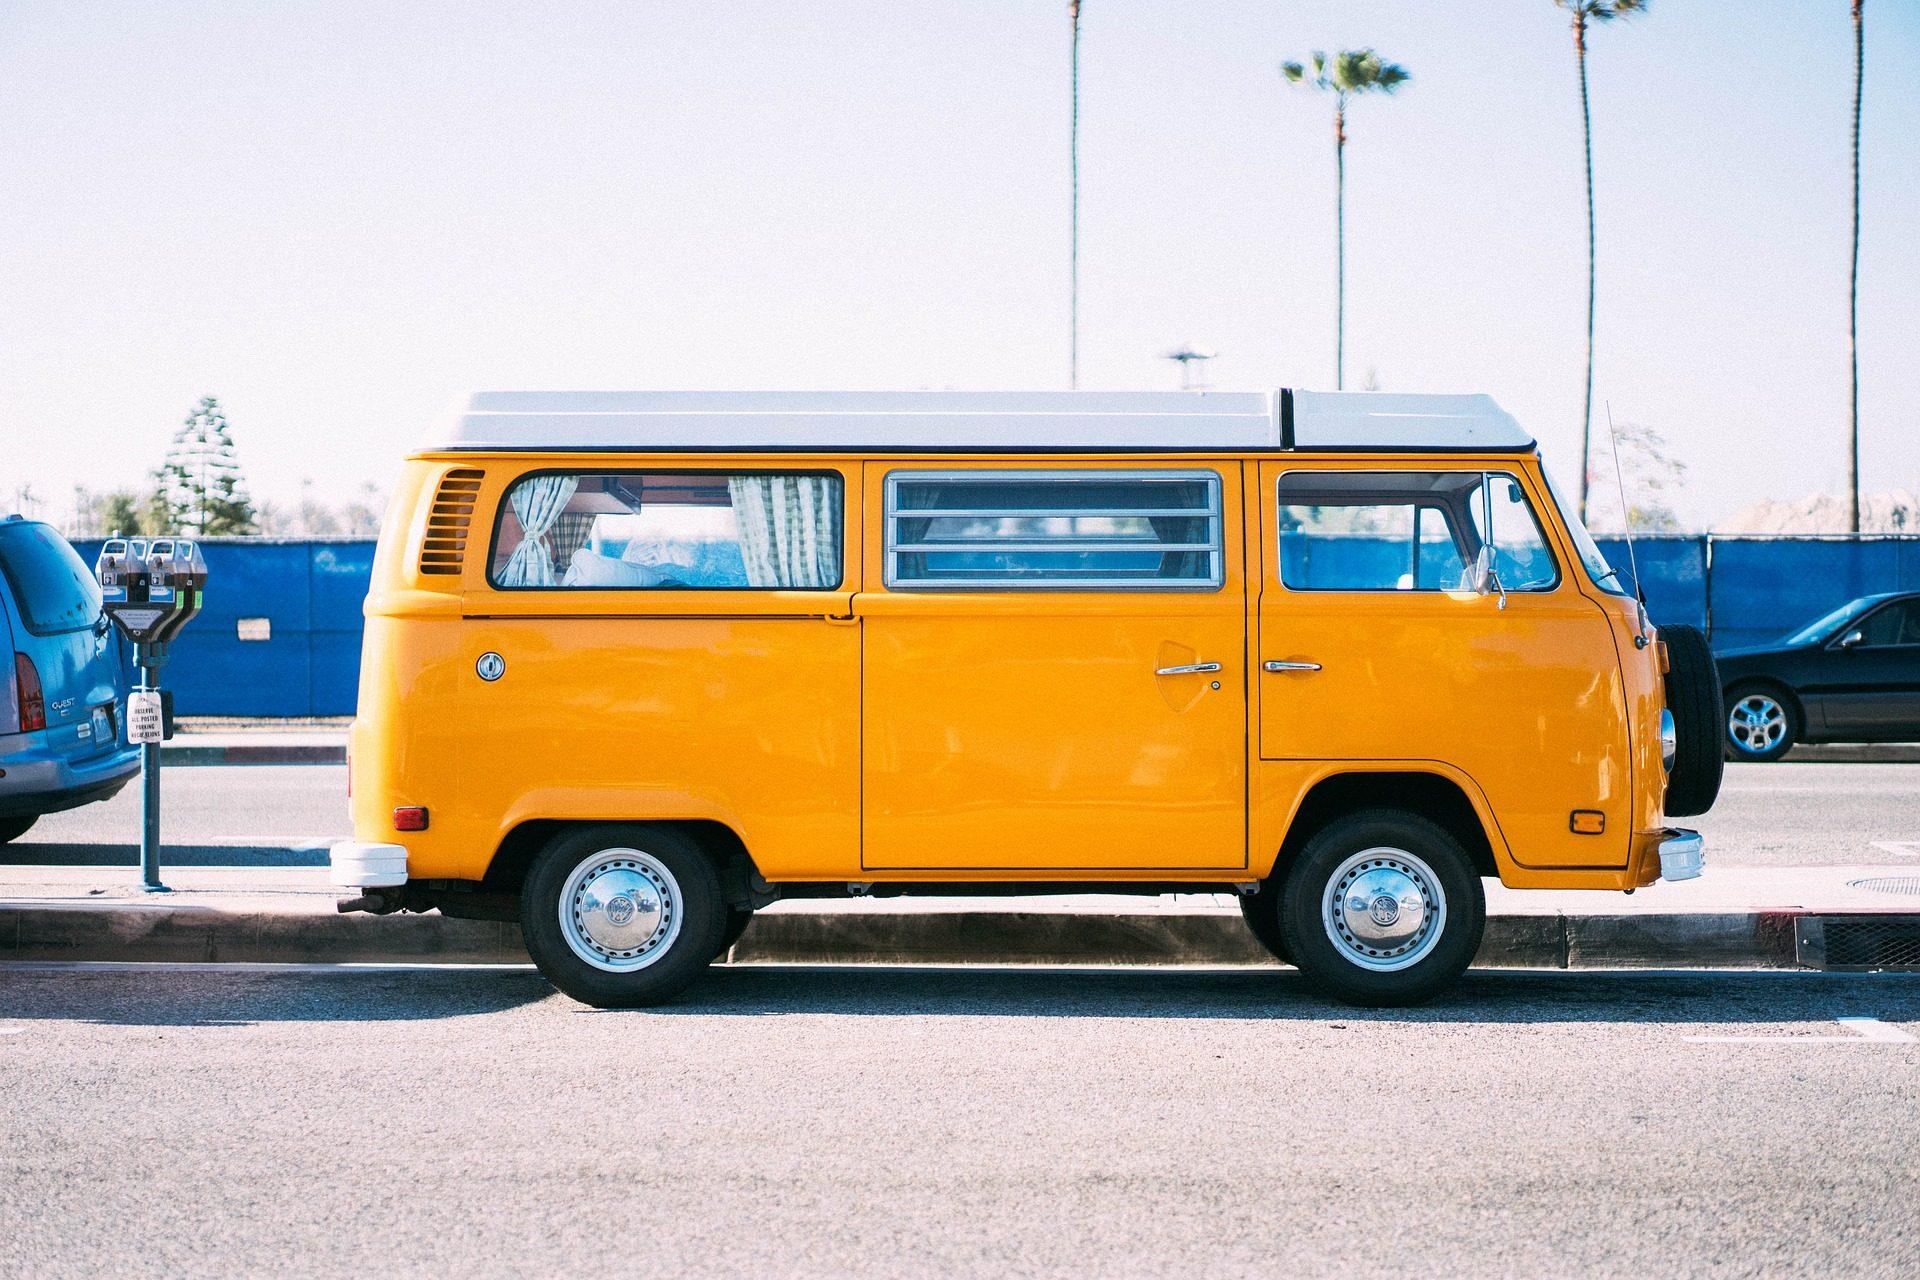 furgoneta, vintage, antigua, viaje, amarilla - Fondos de Pantalla HD - professor-falken.com